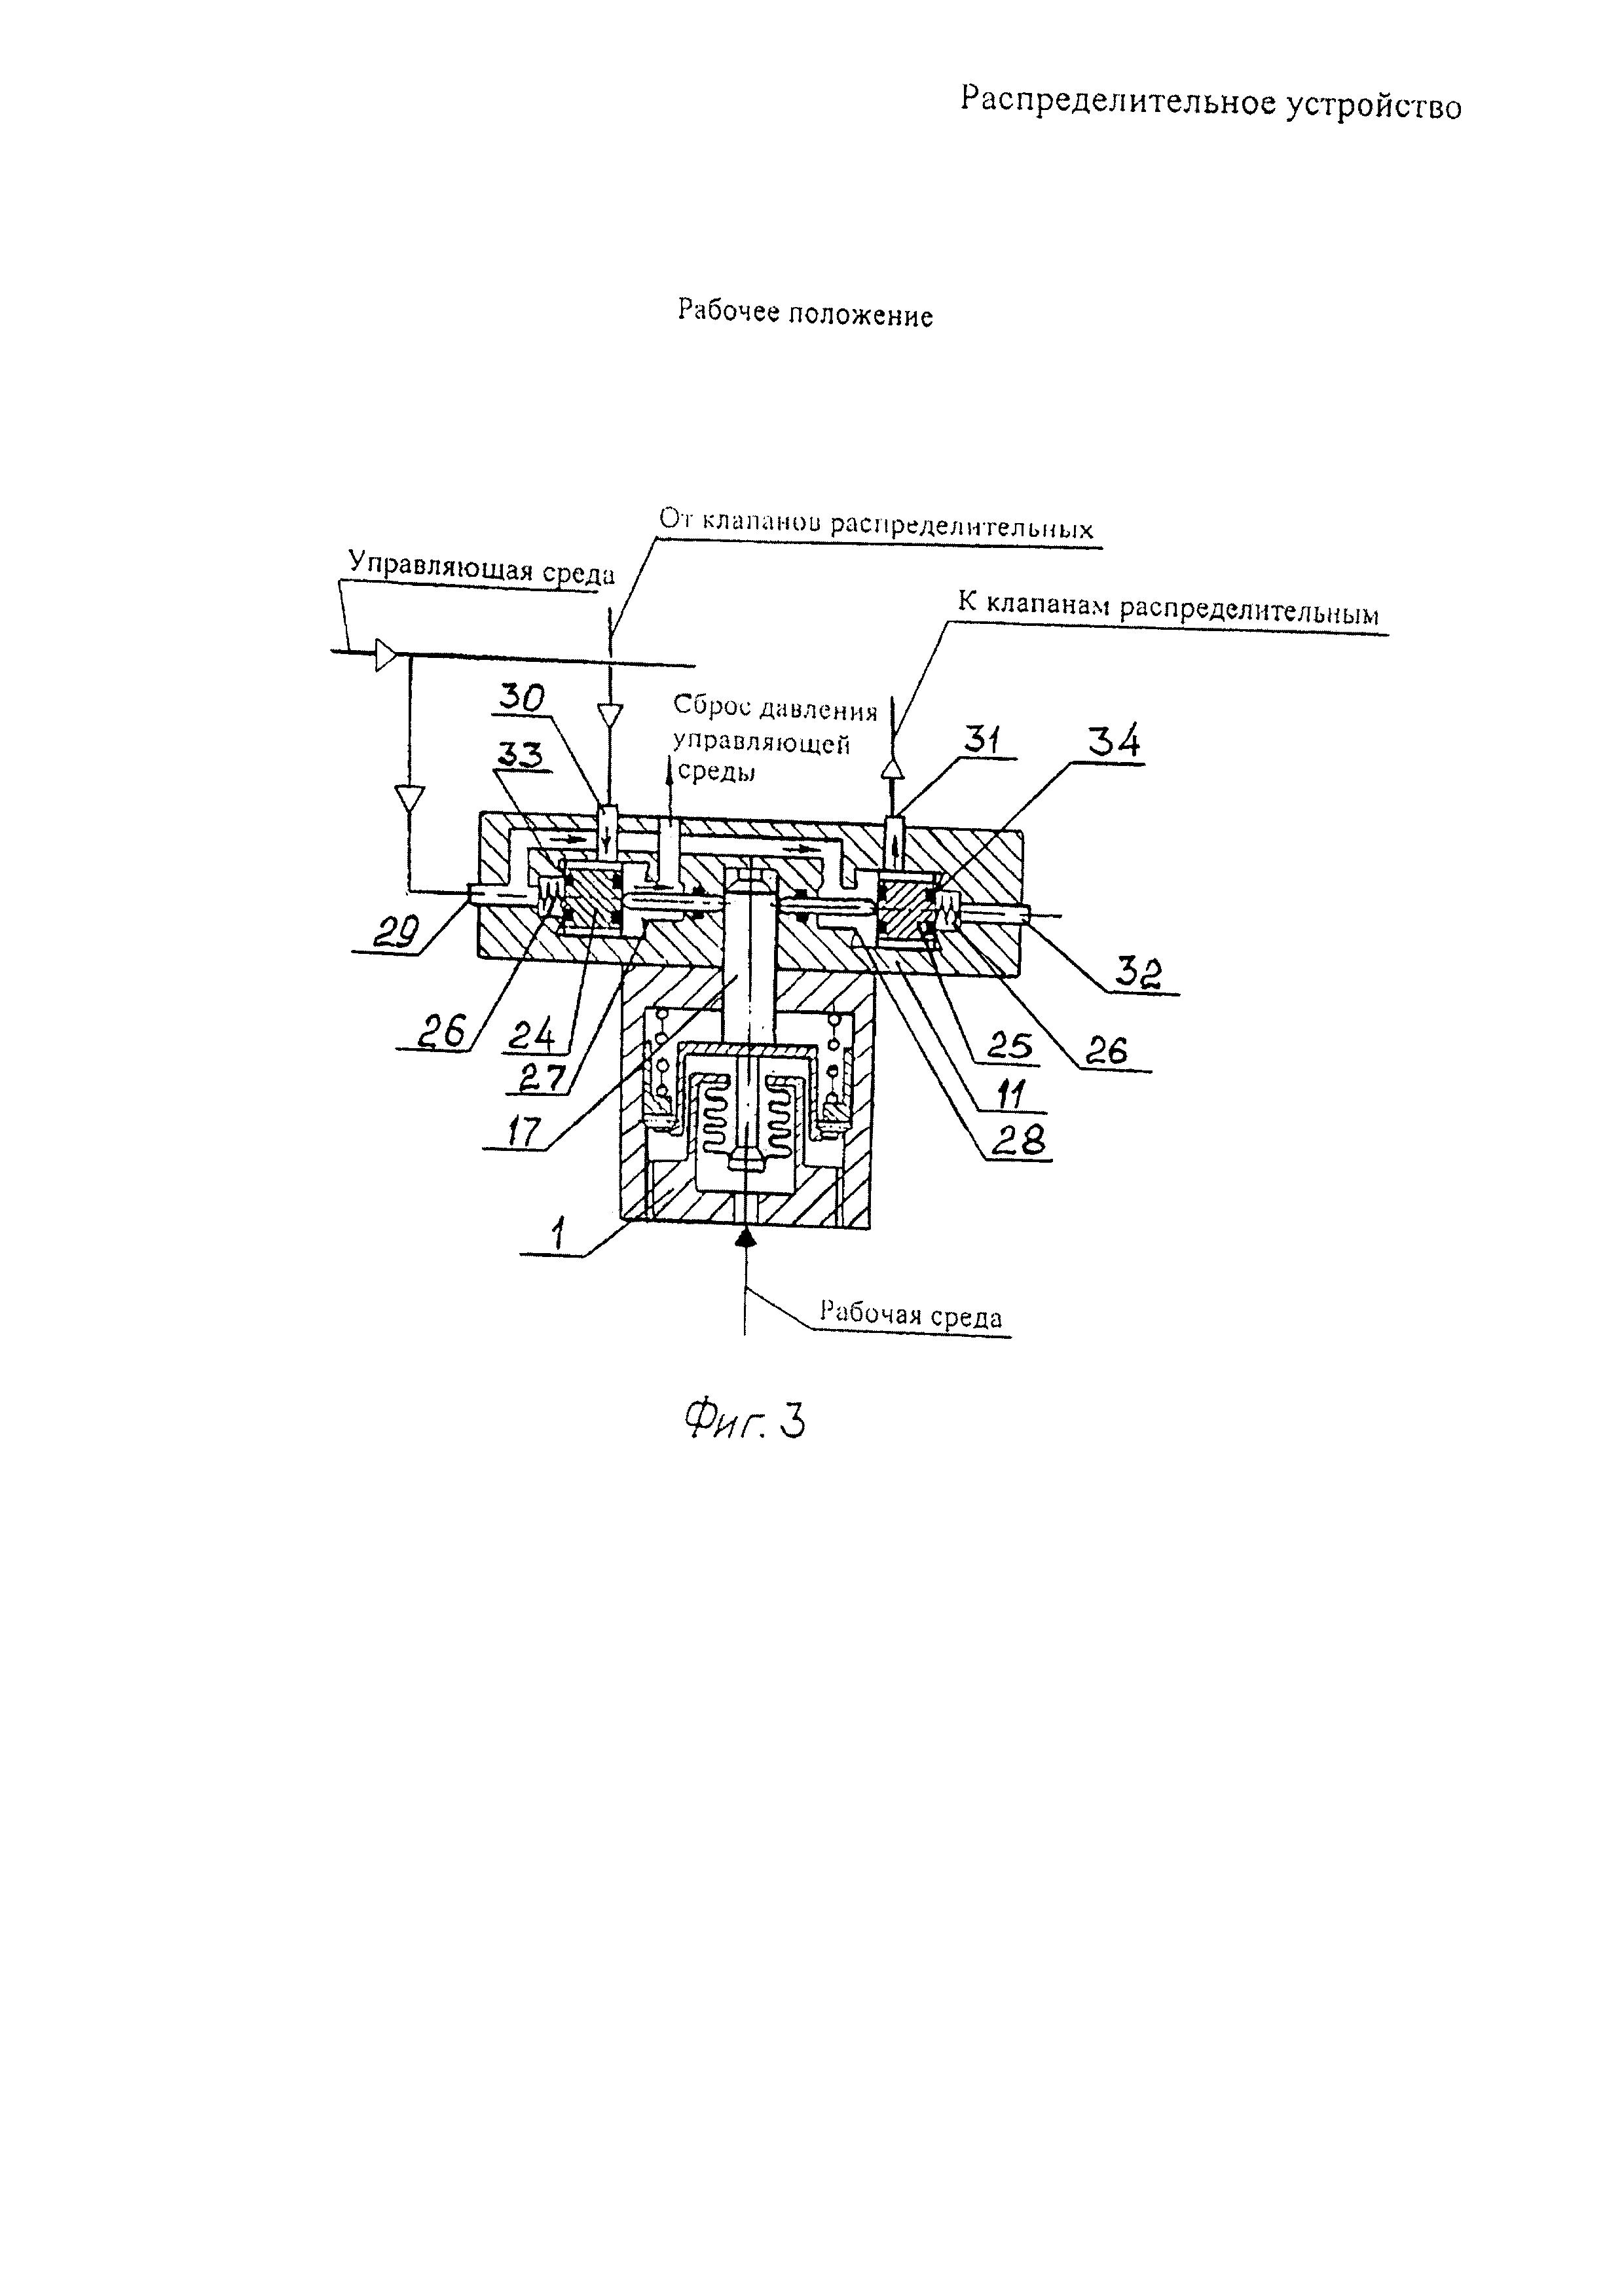 Распределительное устройство